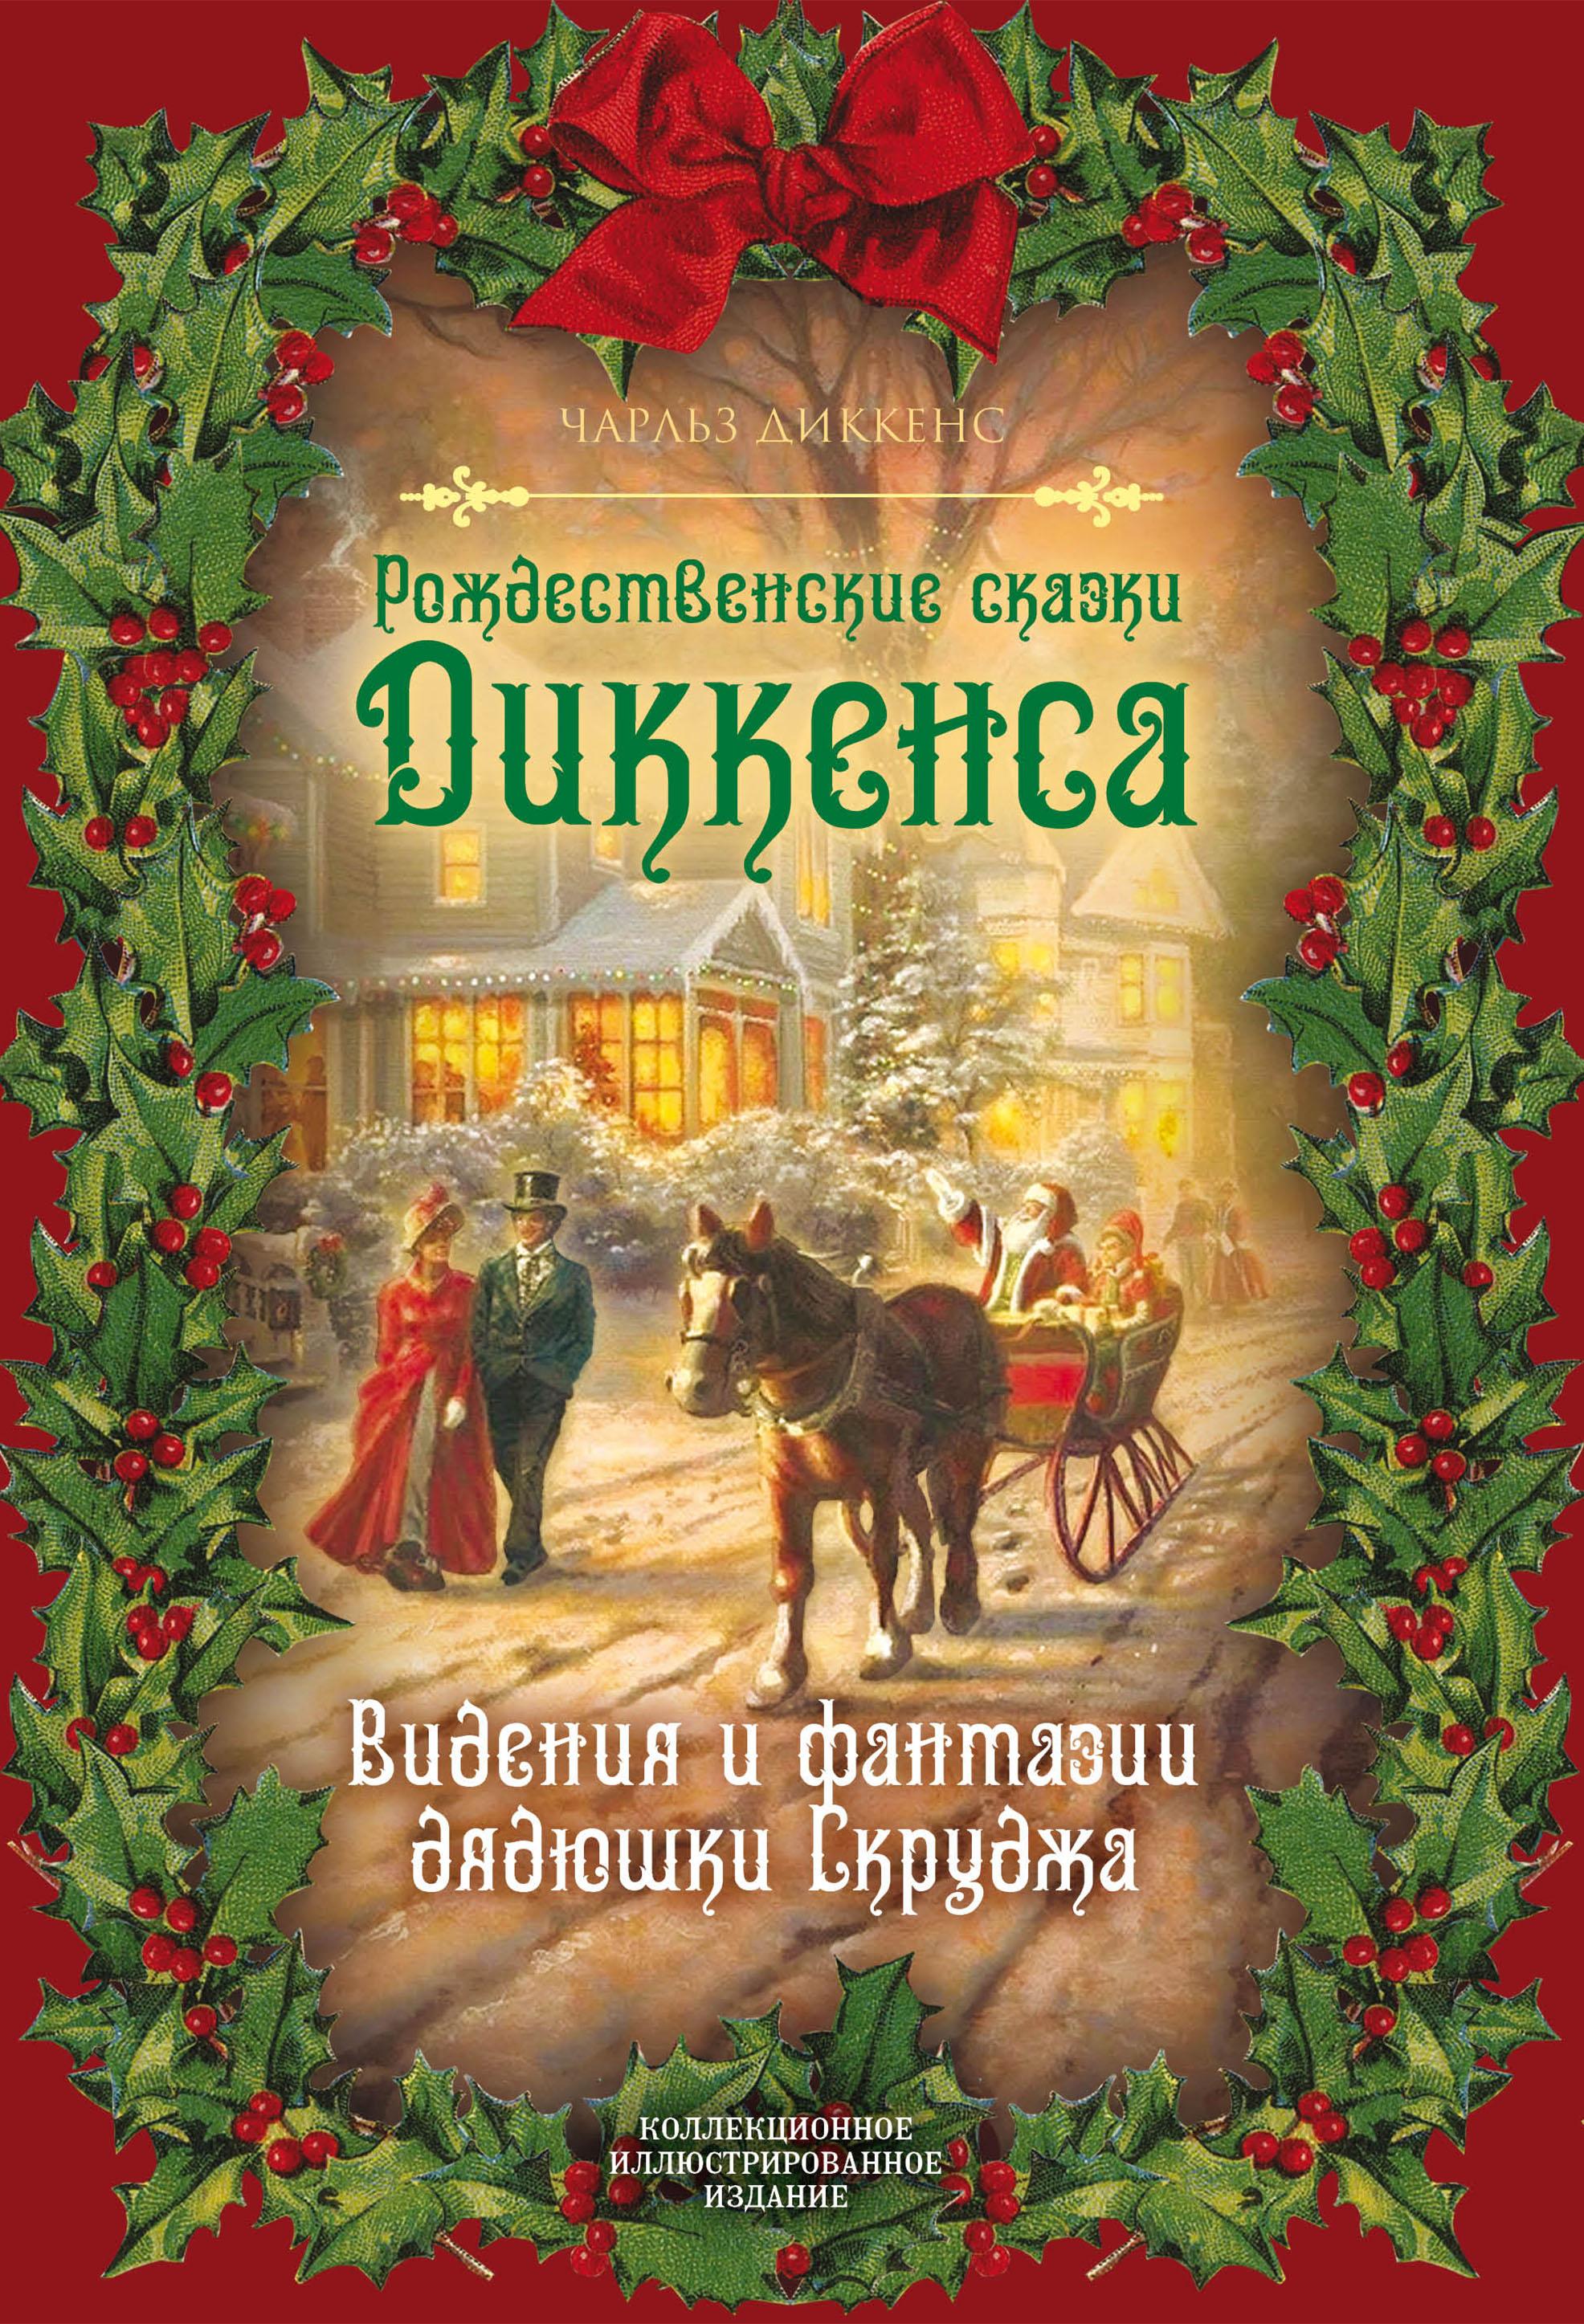 Рождественские видения и традиции